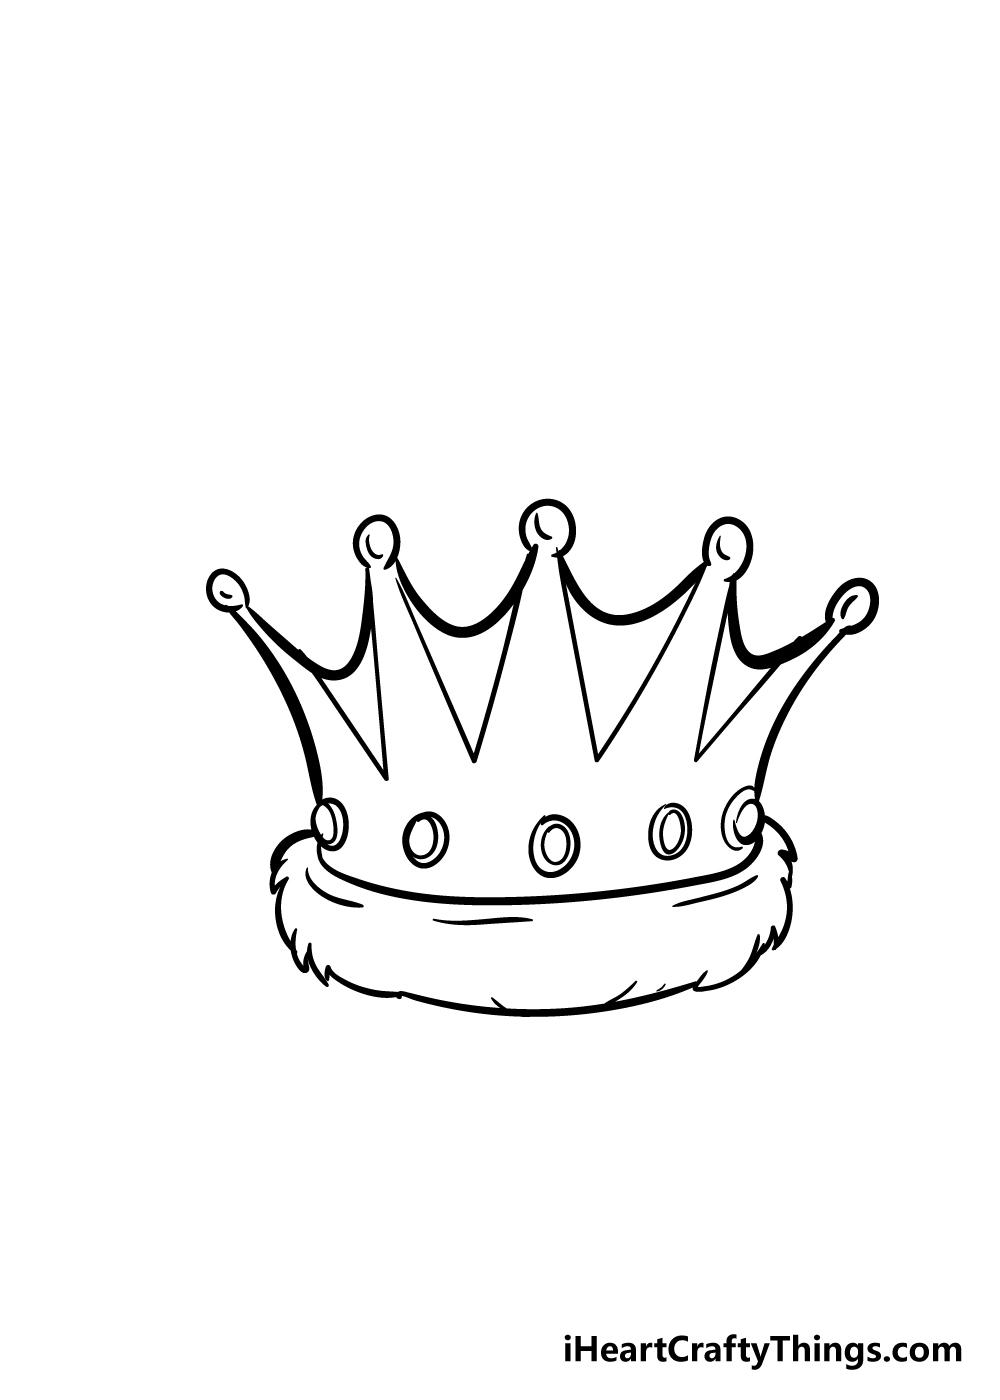 crown drawing step 6